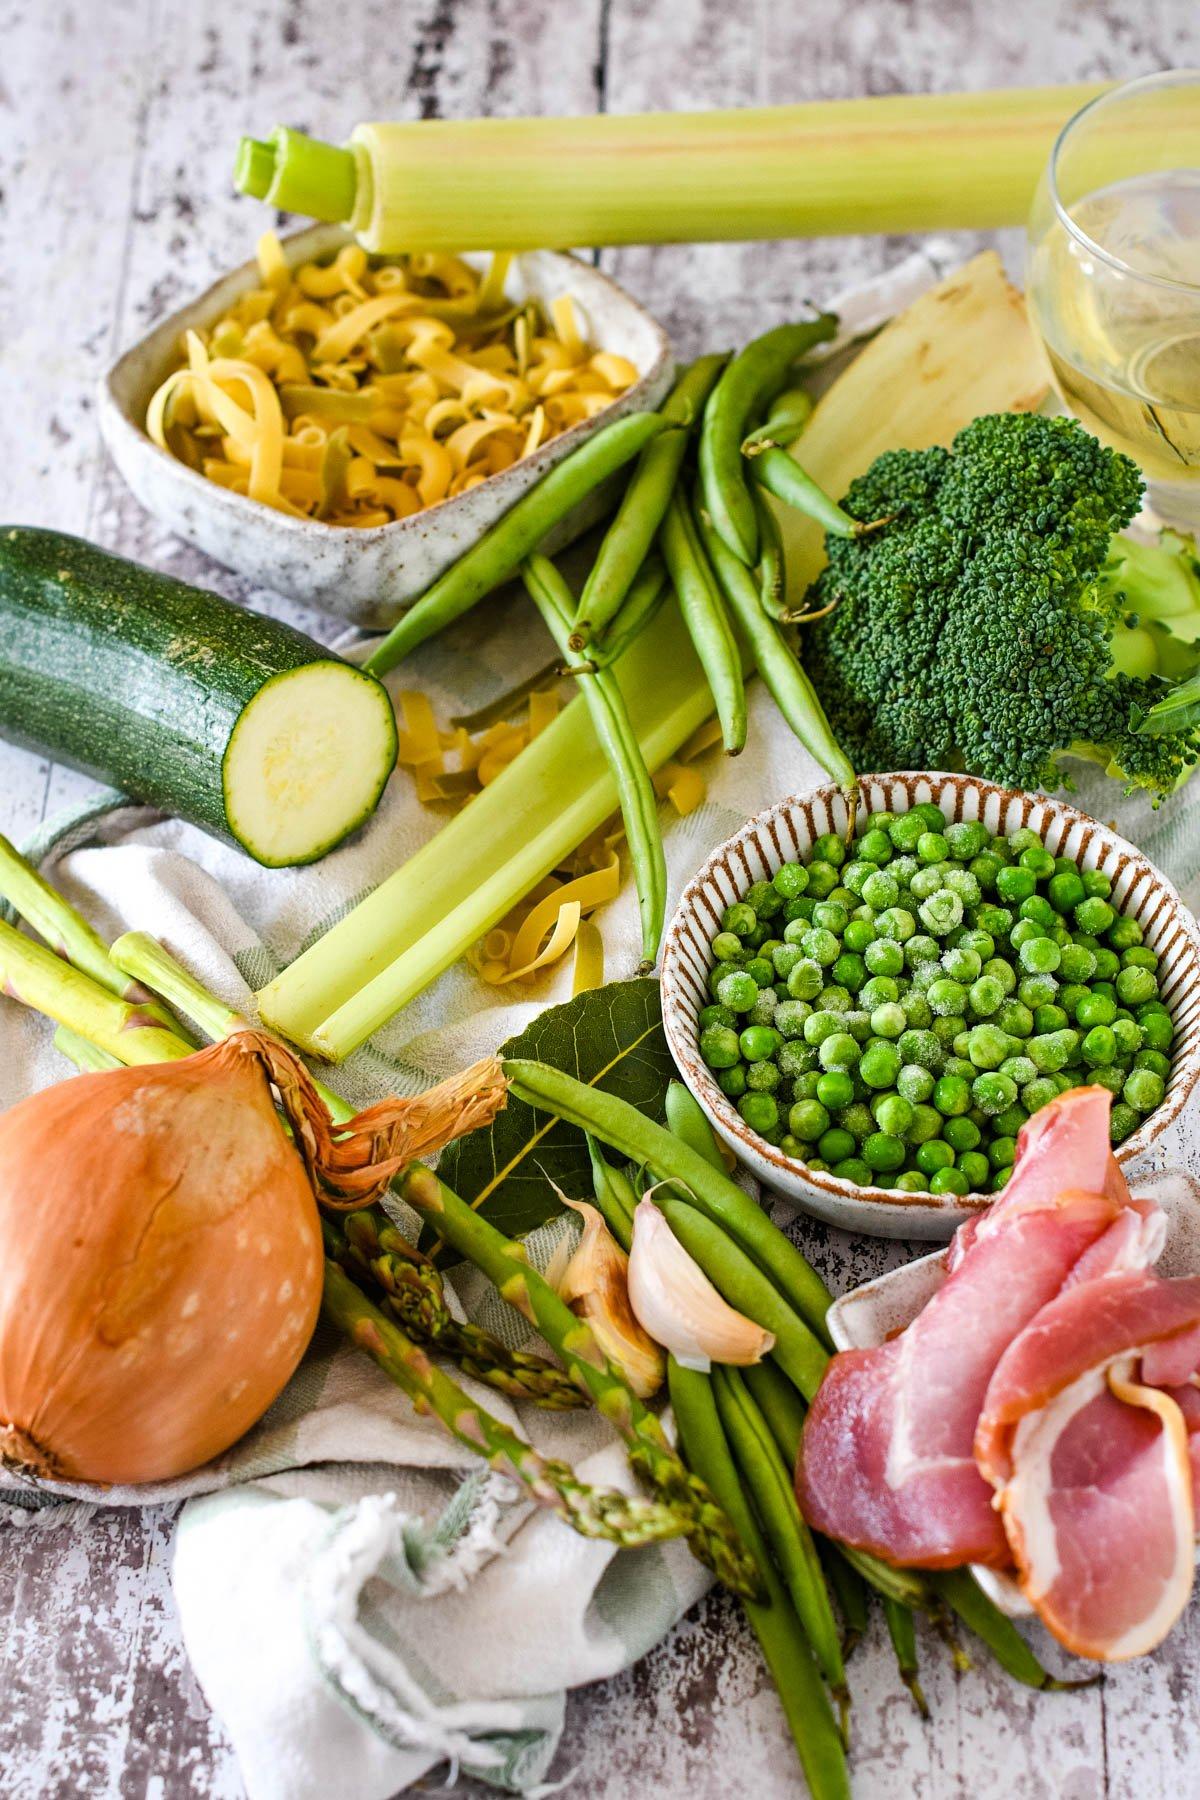 ingredients - green veggies, bacon, pasta